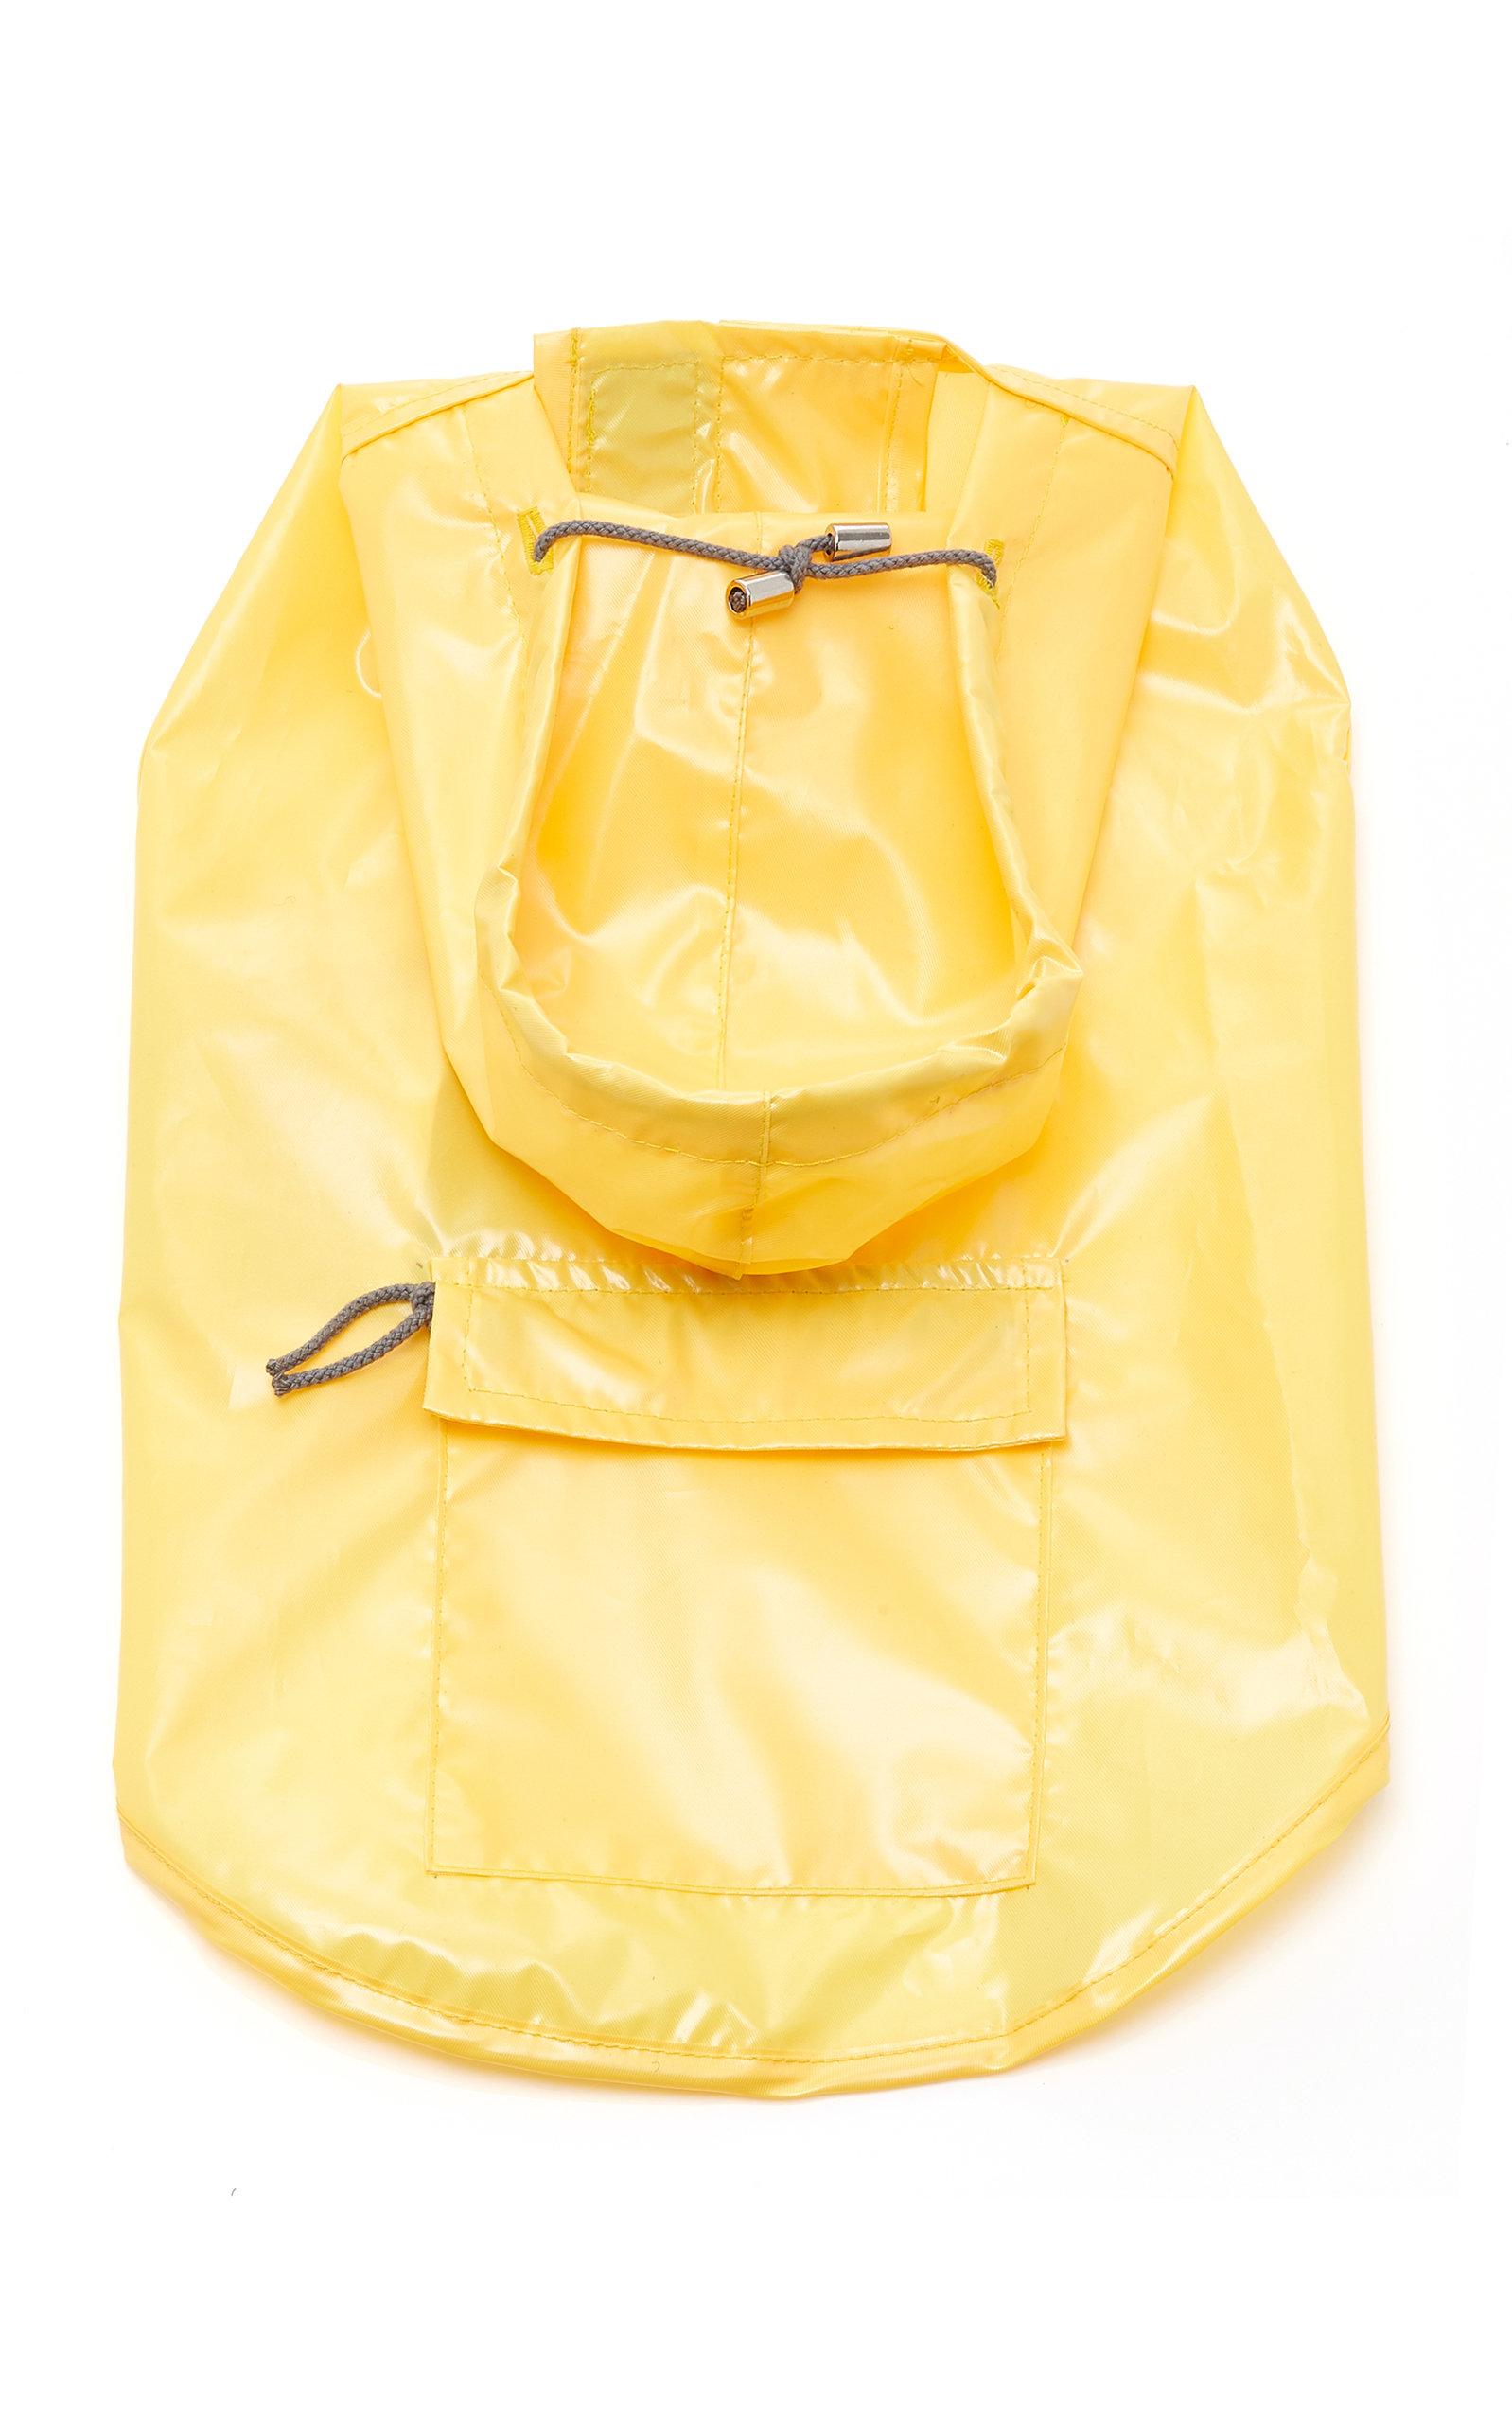 WARE OF DOG Medium Anorak Raincoat With Hood in Yellow